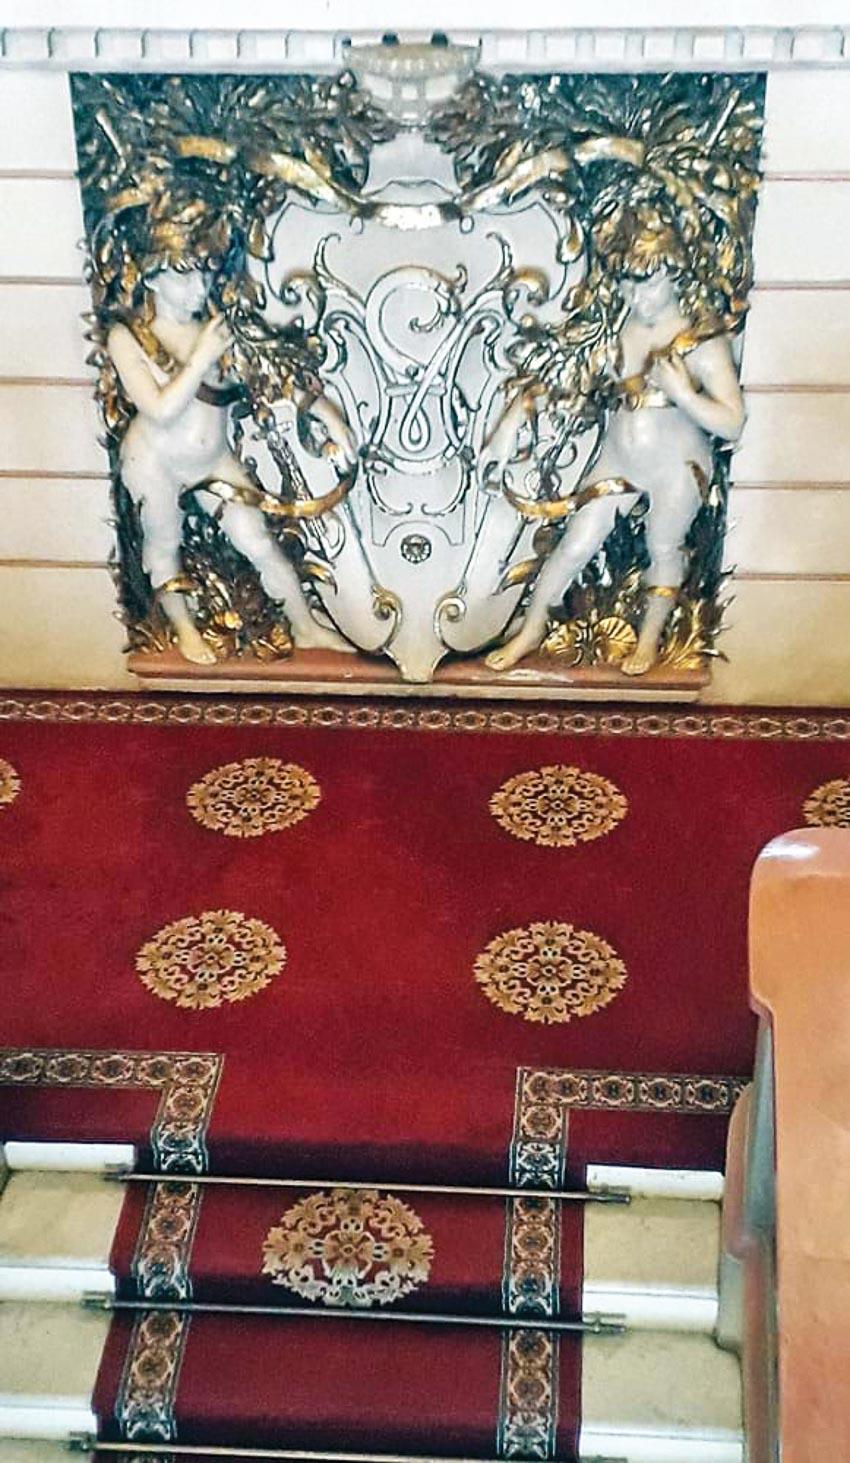 Tòa thị chính Sài Gòn - Lâu đài trăm năm bao giờ rộng cửa? - 2